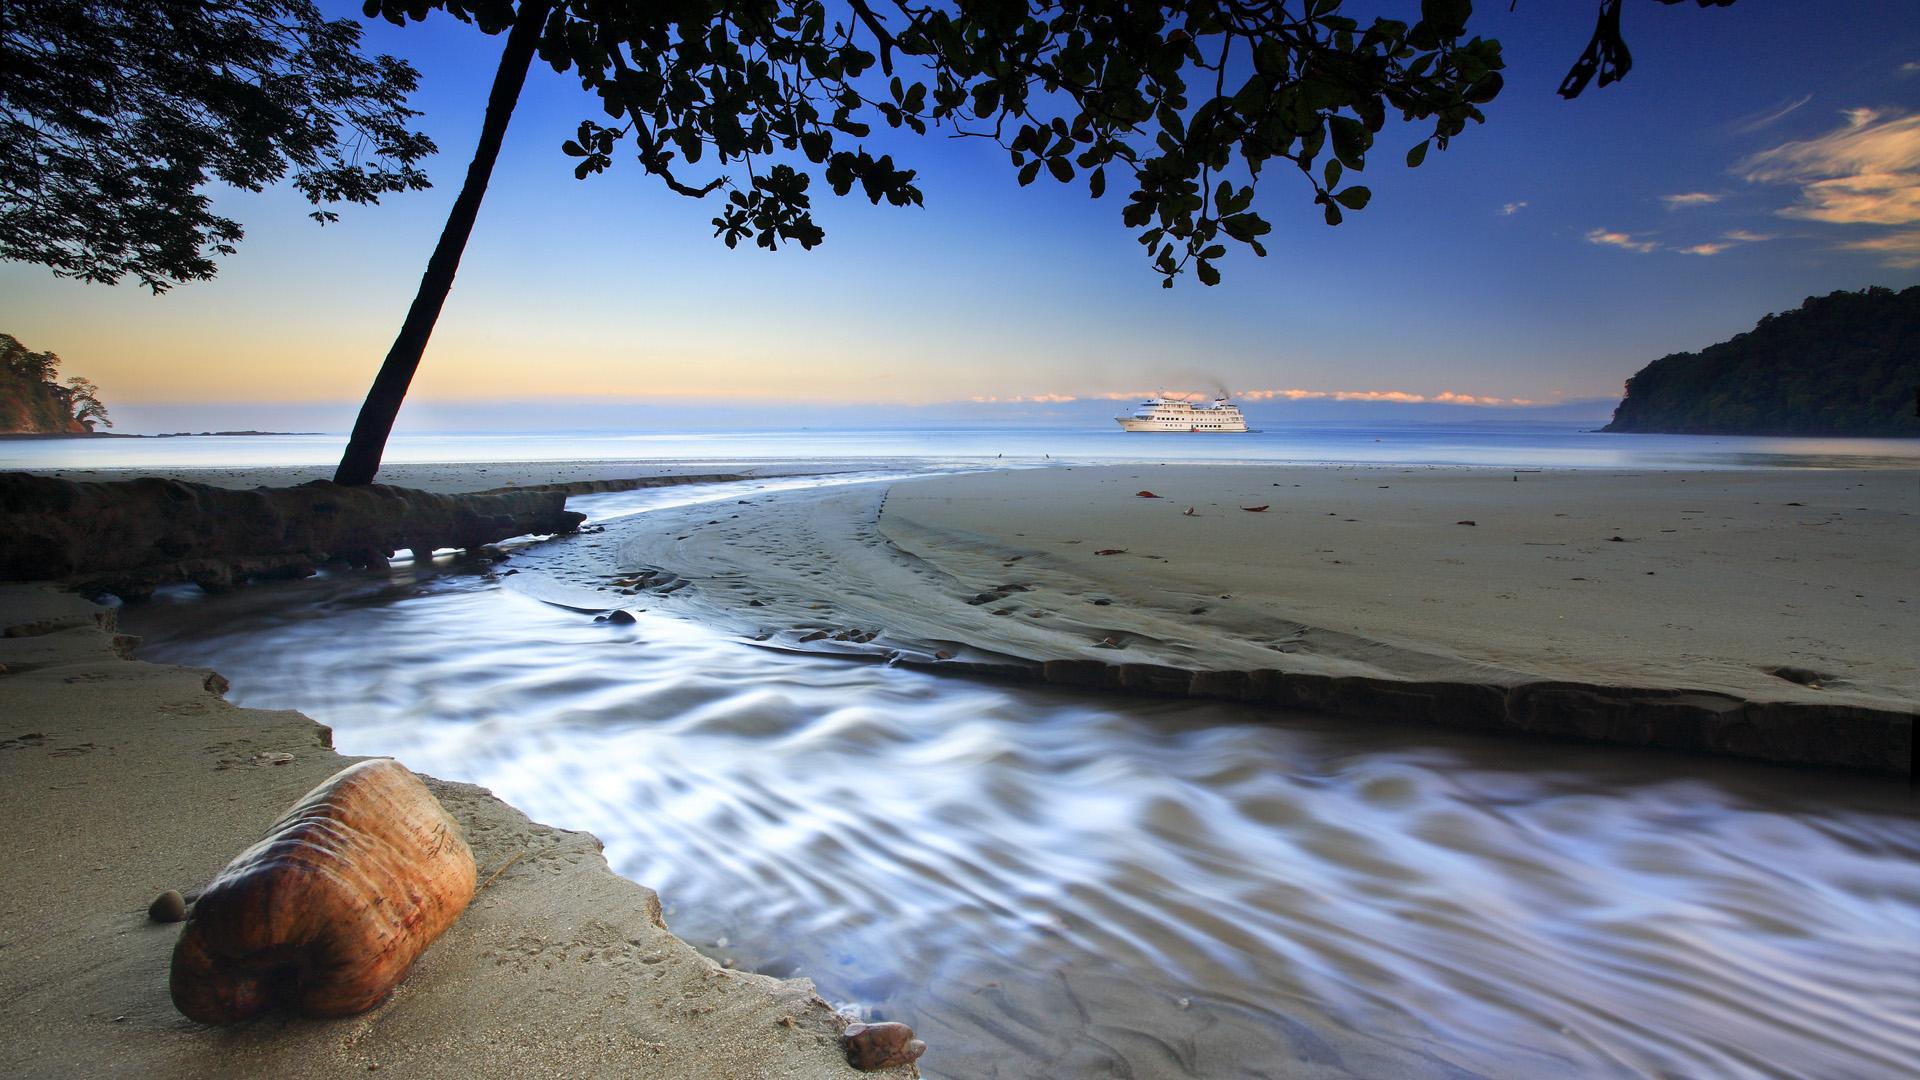 Playa virgen y un crucero - 1920x1080